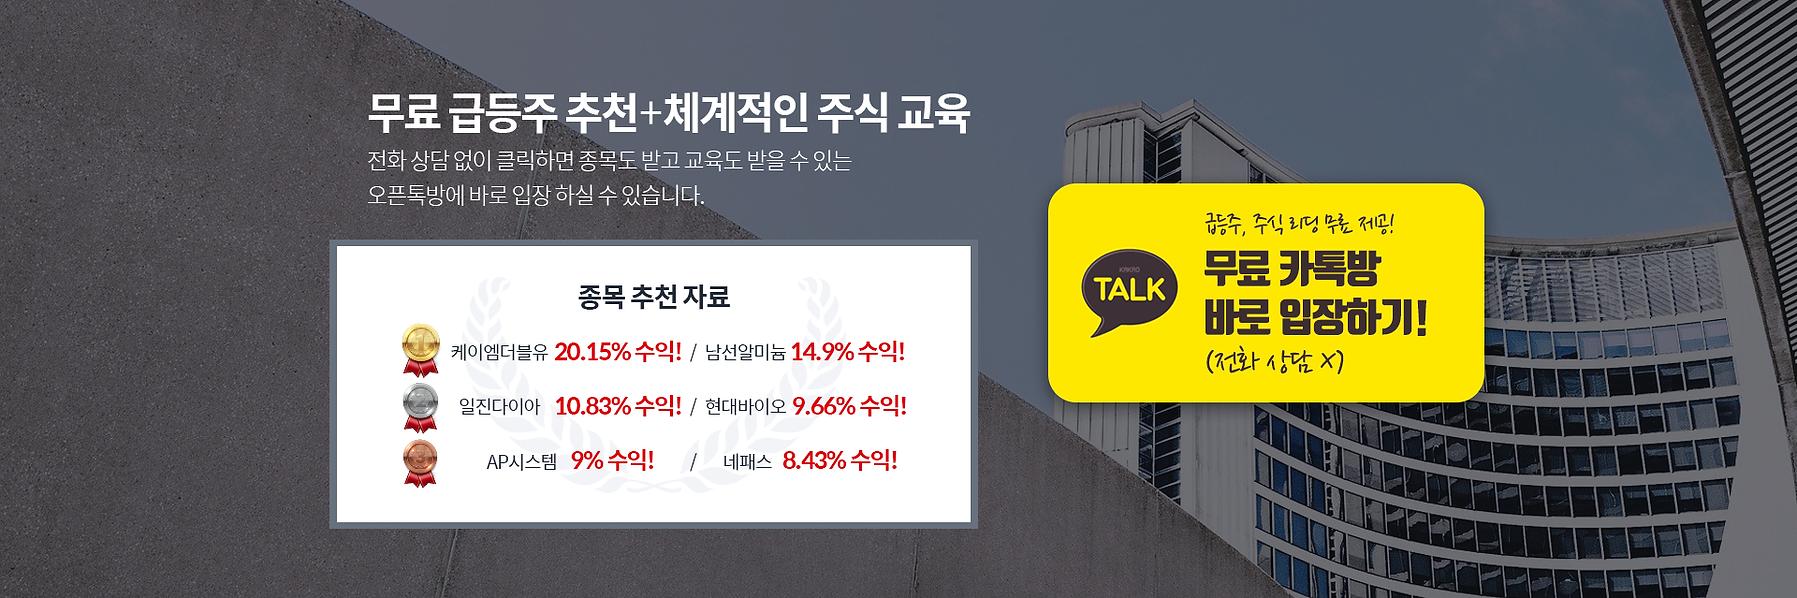 20191223_홈페이지 메인 수정2(3)_김은아.png